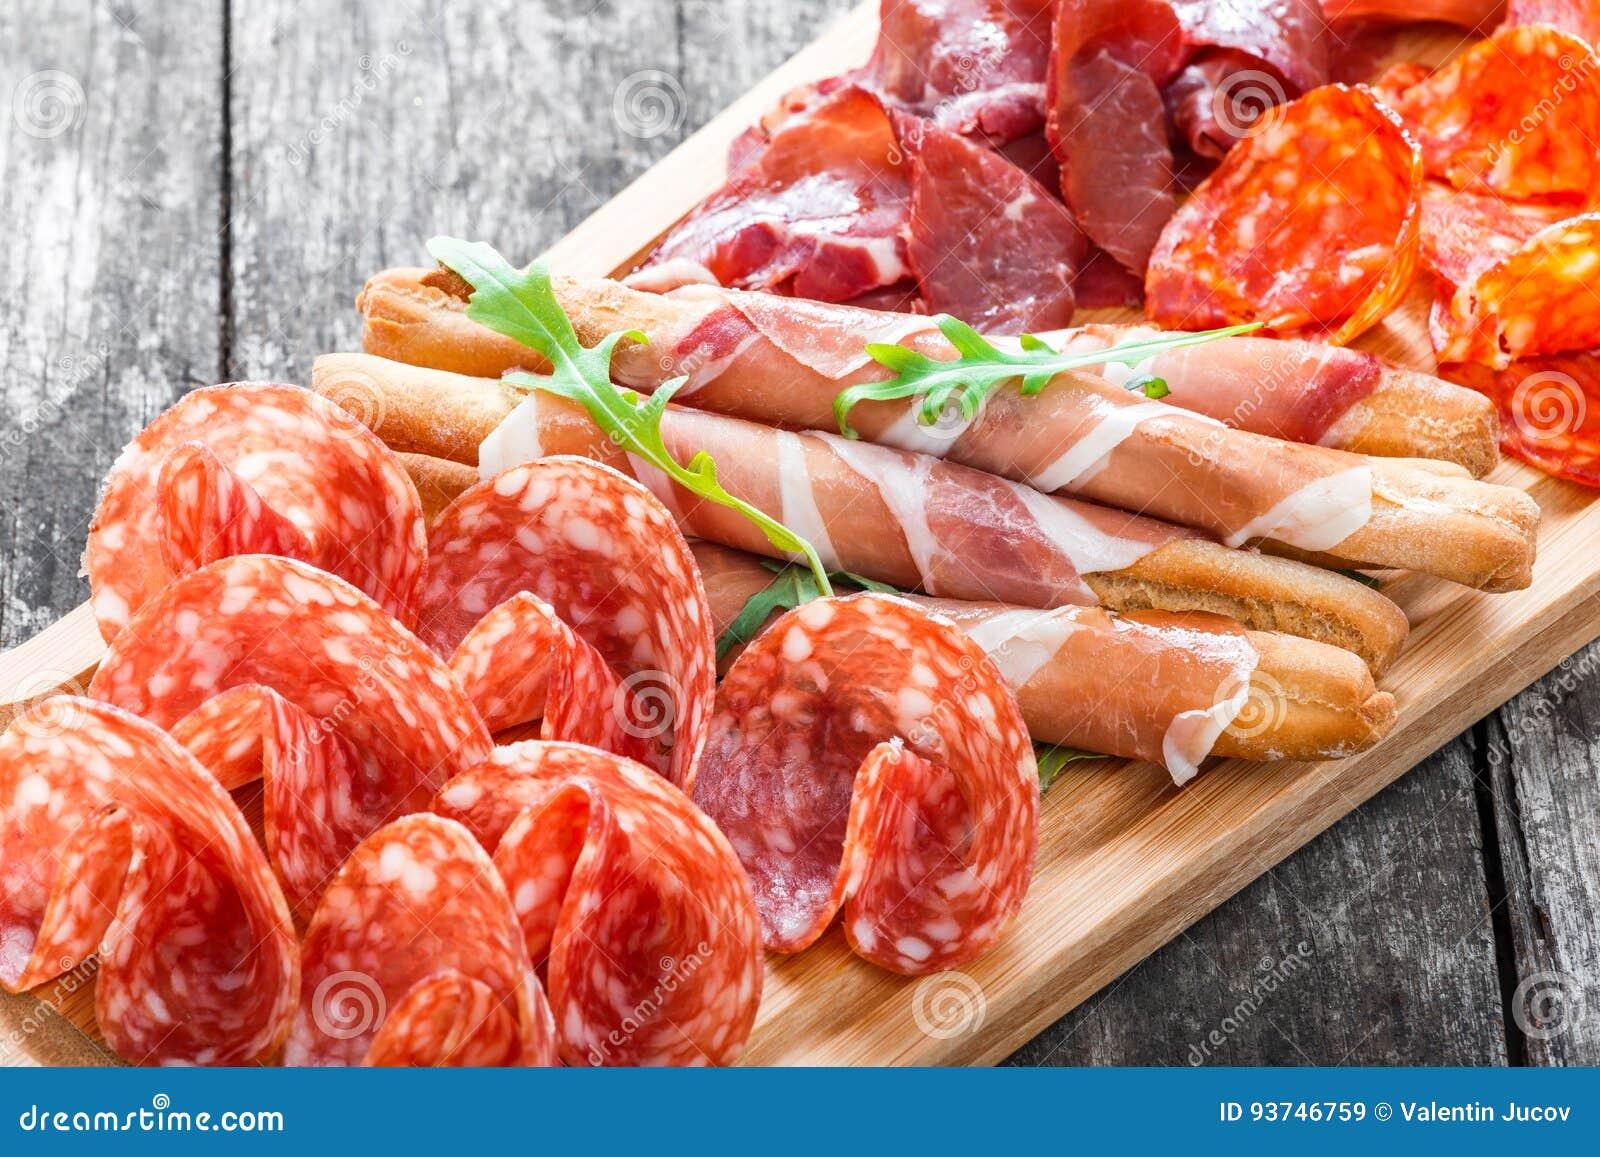 Antipasto półmiska zimnego mięsa talerz z grissini chlebowymi kijami, prosciutto, pokrajać baleron, wołowiny jerky, salami na tną